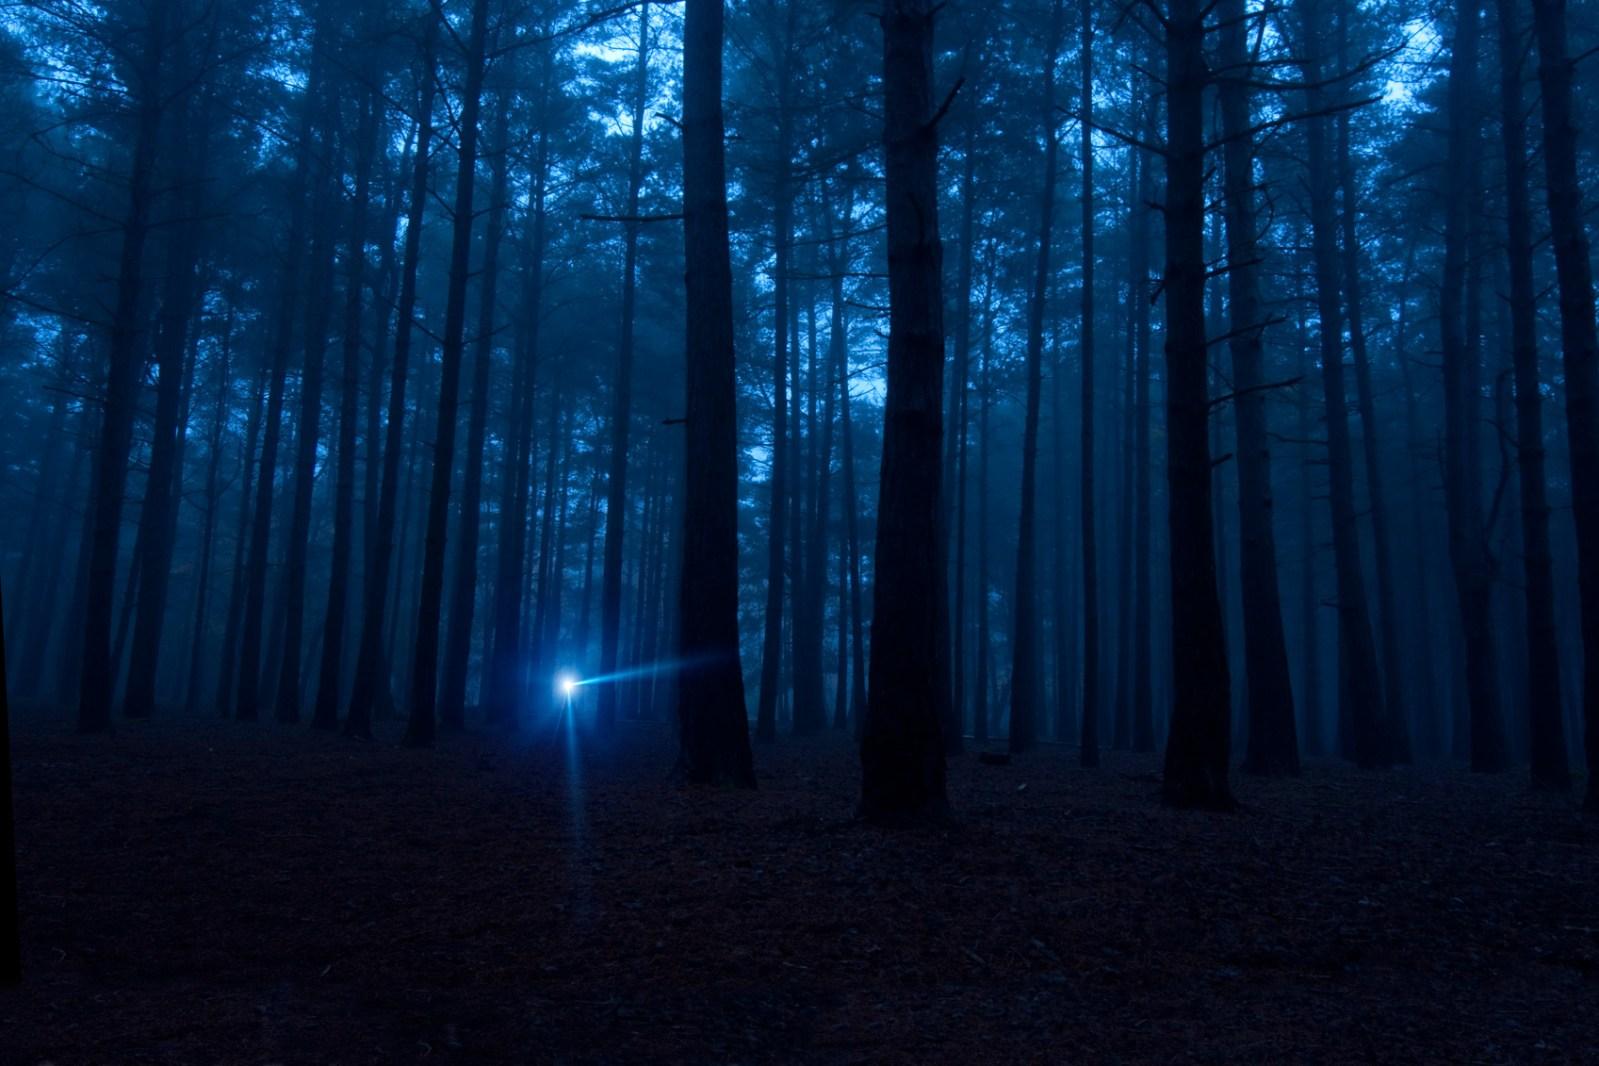 dark woods at night